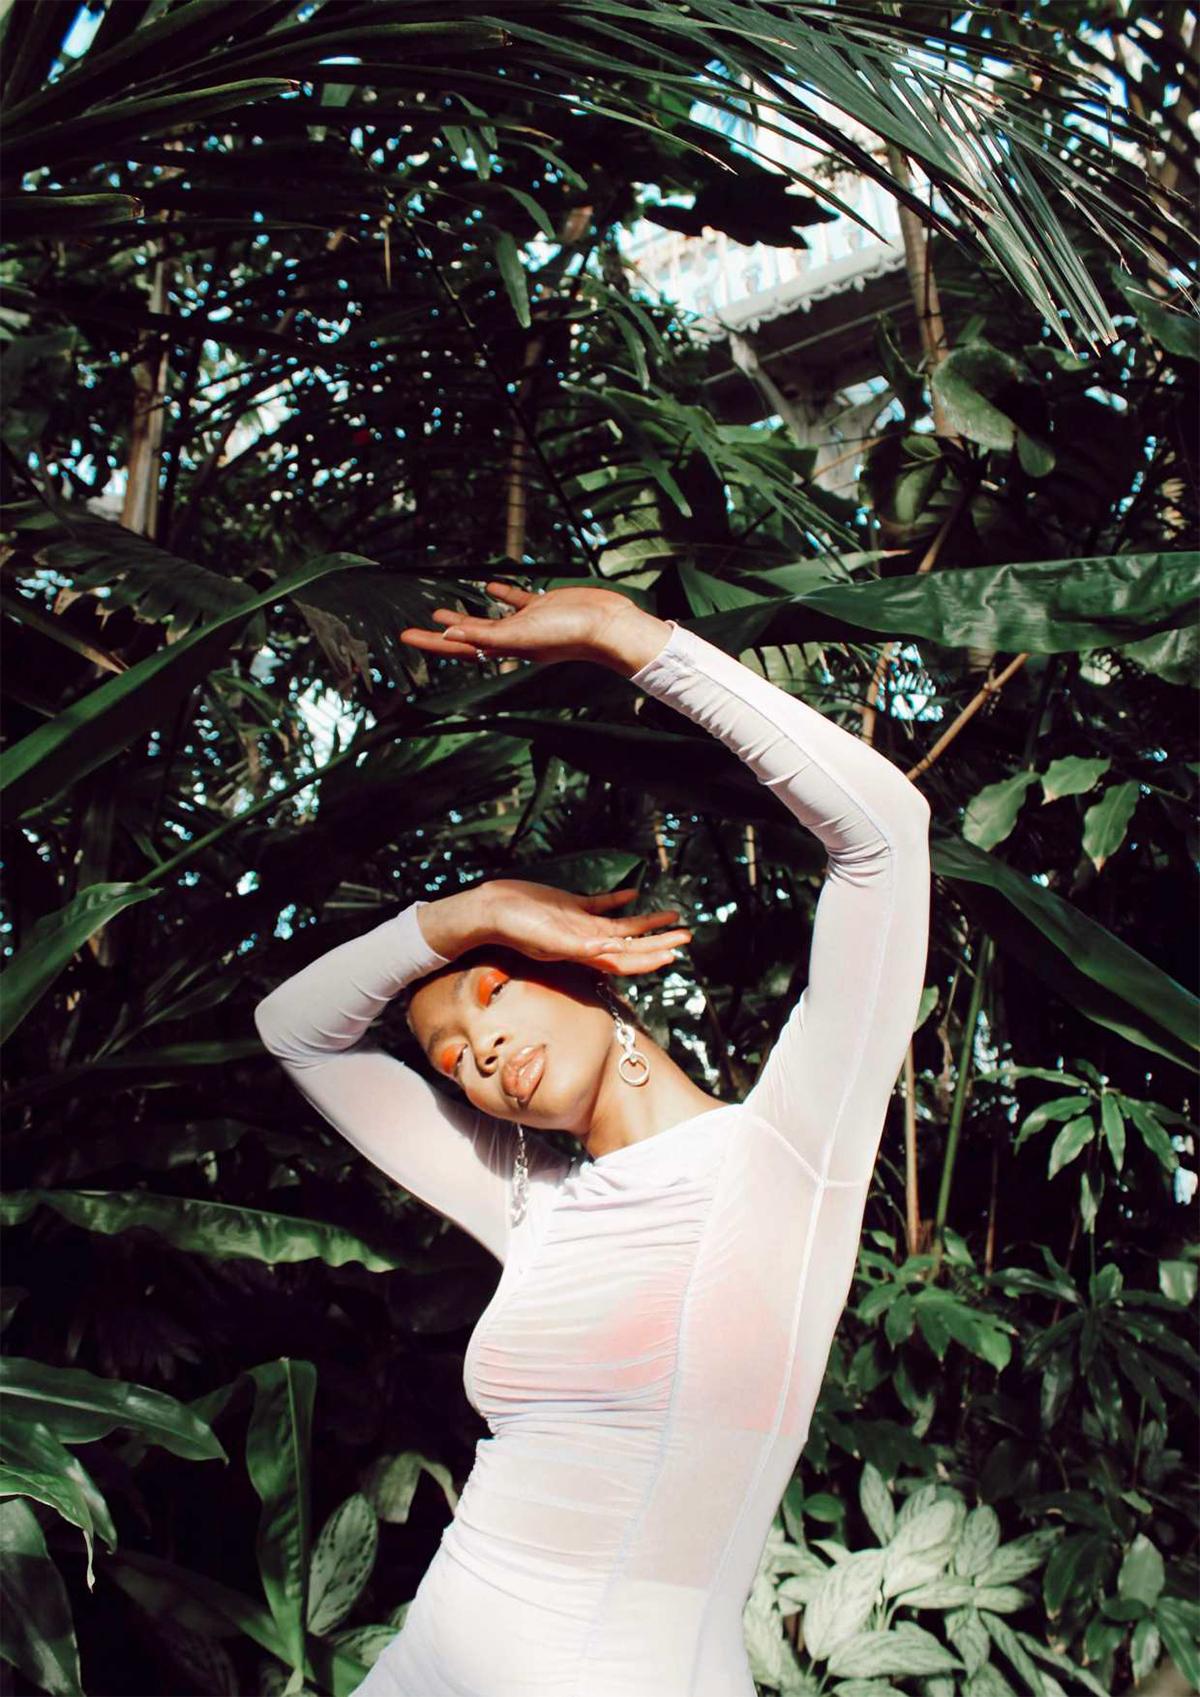 Photographer Eloïse Atkins